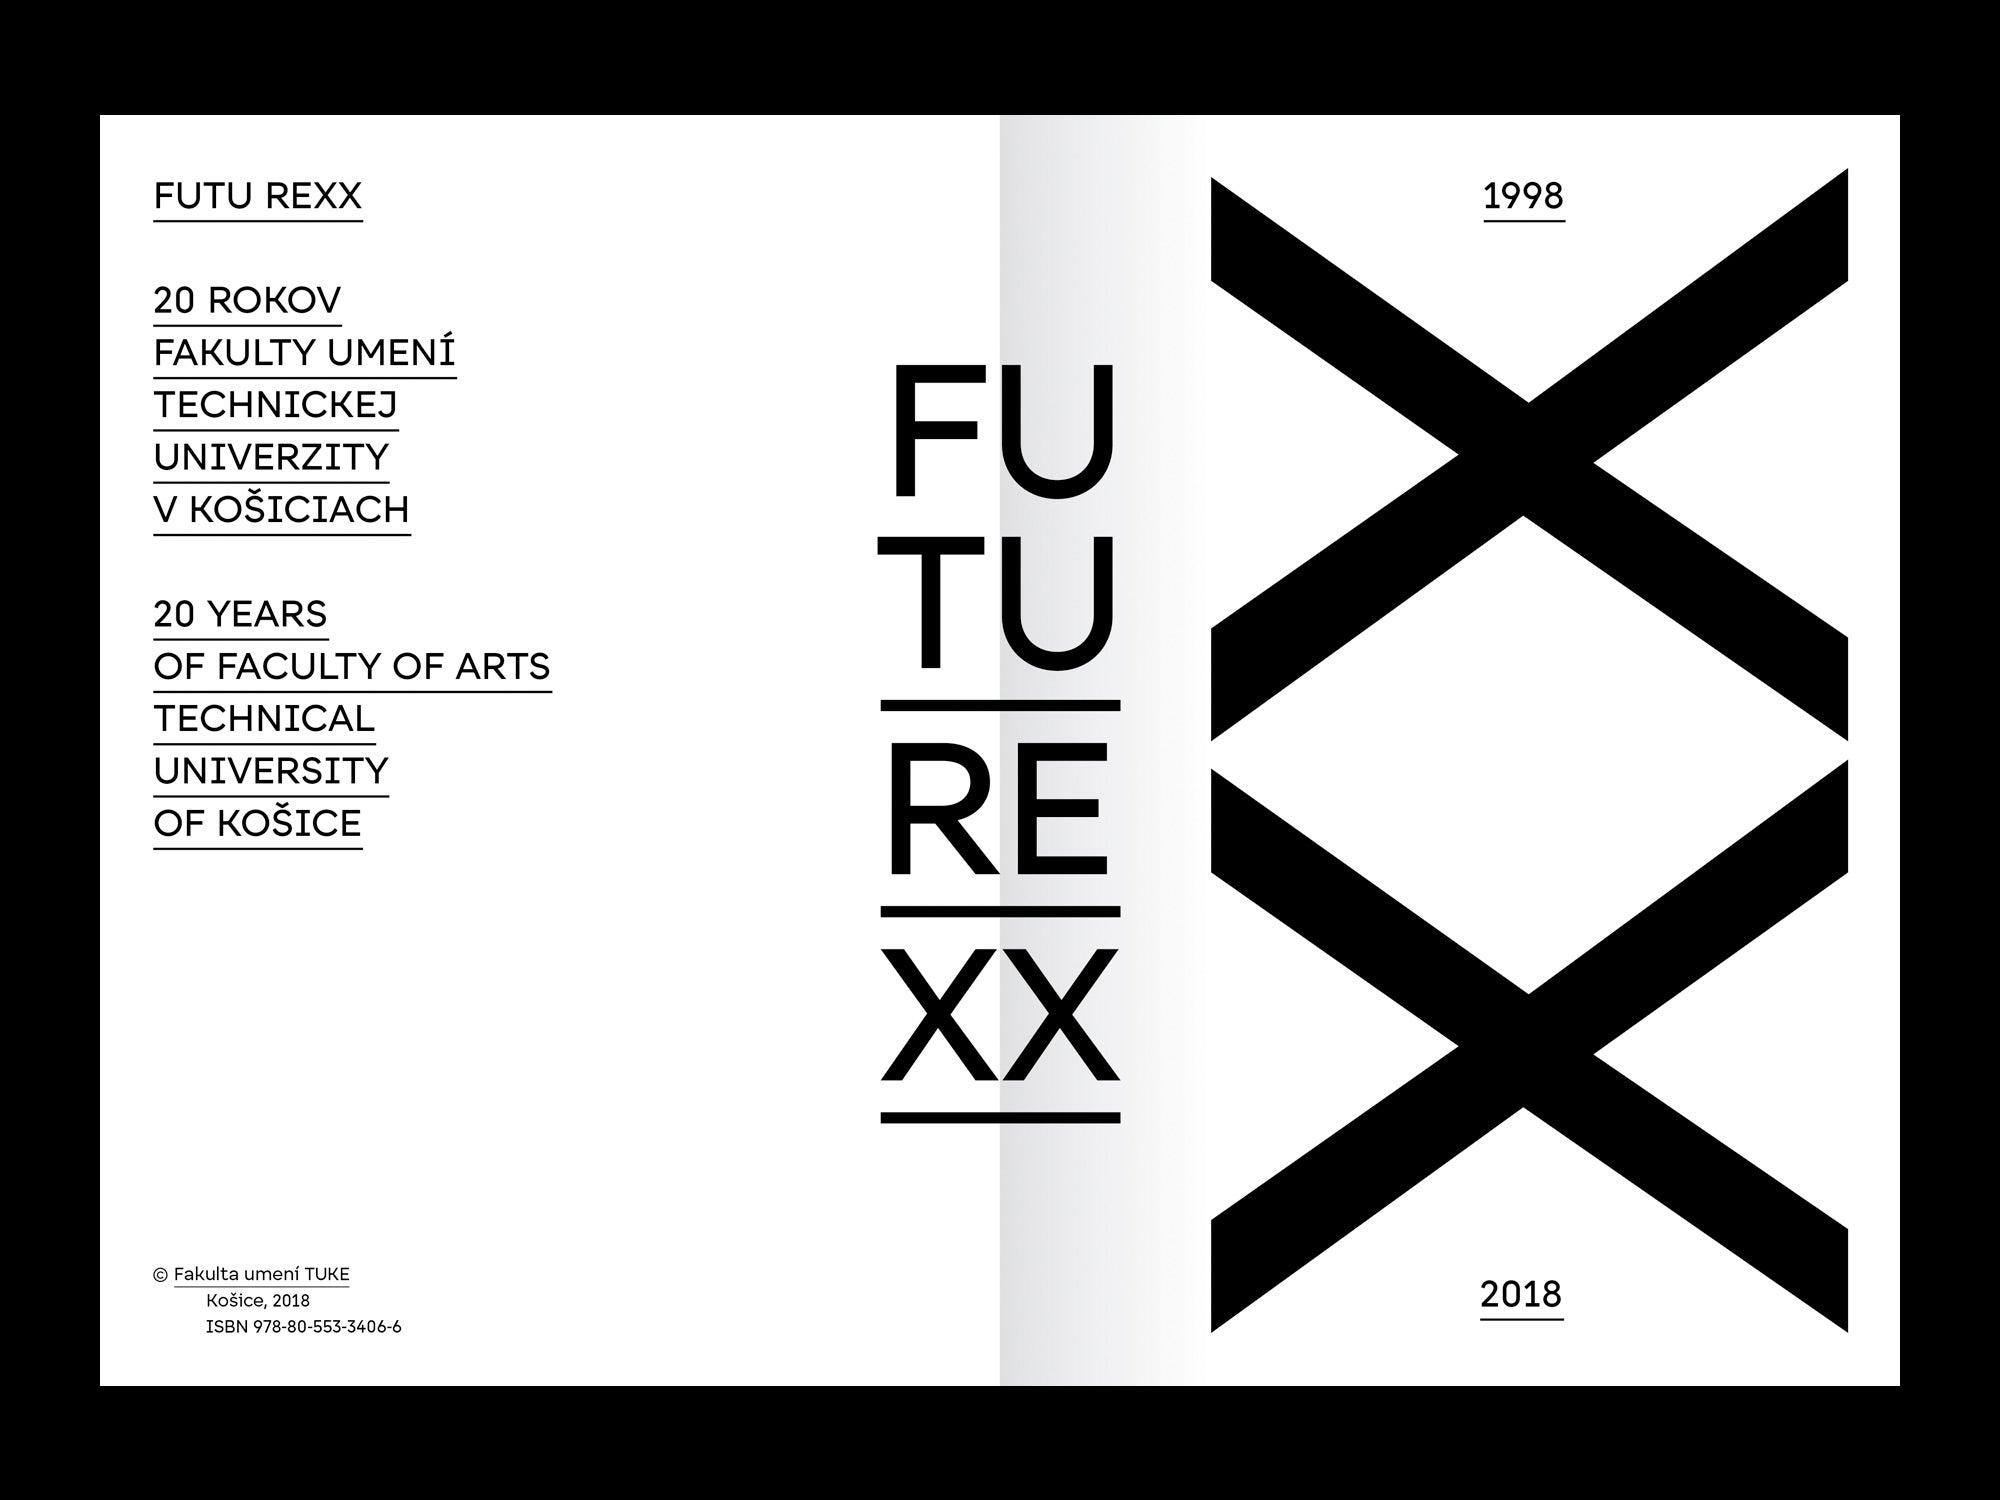 FUTUREXX_02.jpg